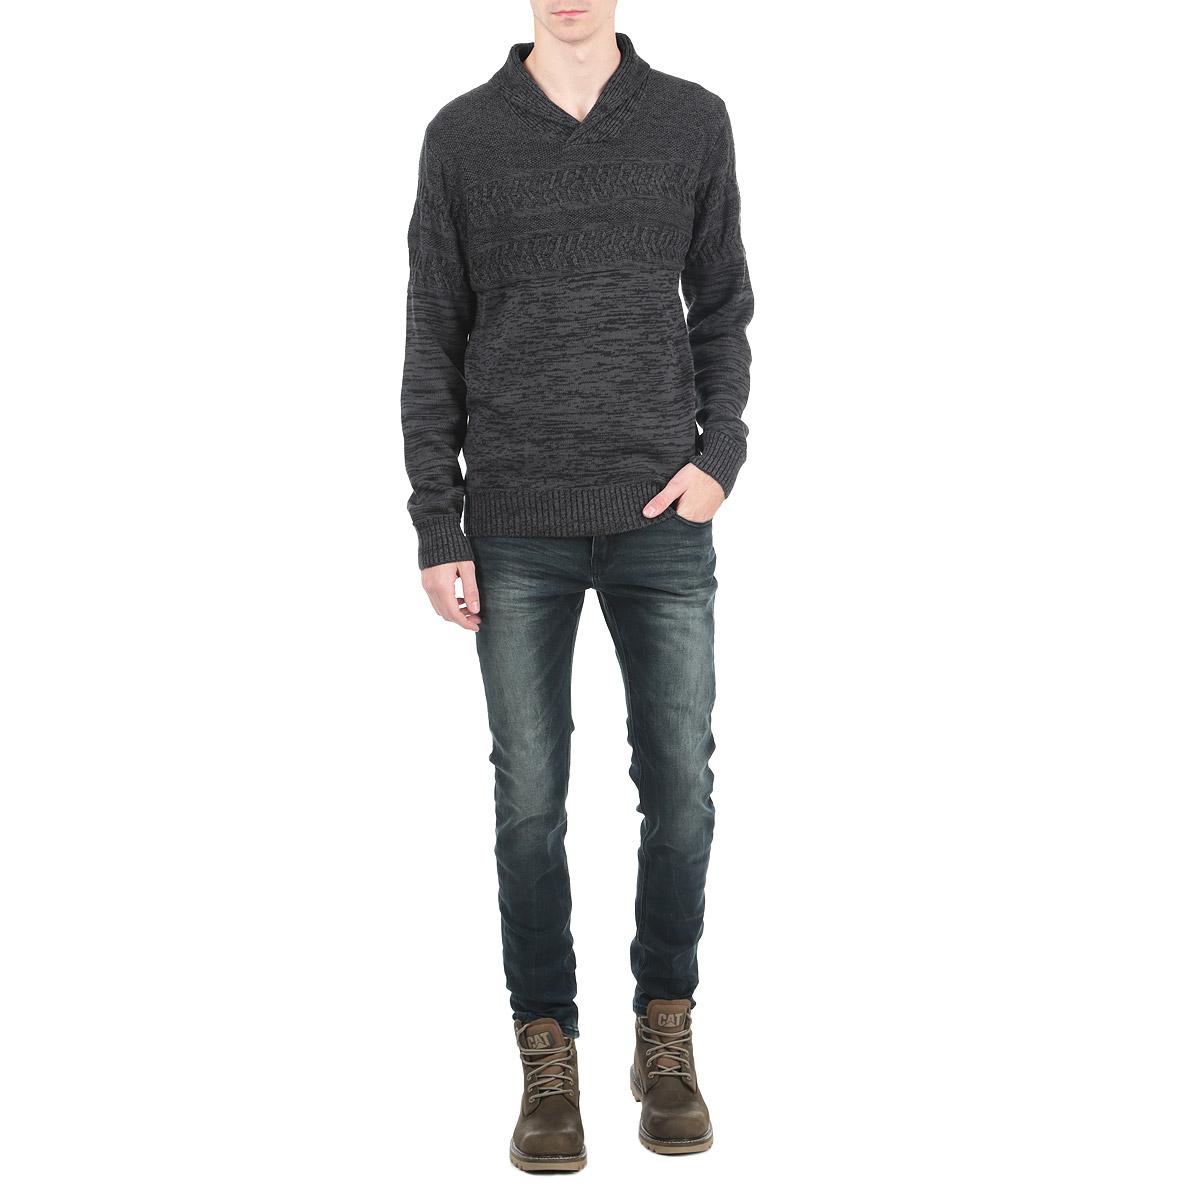 Джинсы мужские Tyler. 1015306710153067_537Стильные мужские джинсы Broadway - джинсы высочайшего качества на каждый день, которые прекрасно сидят. Модель зауженного к низу кроя и средней посадки изготовлена из высококачественного материала. Застегиваются джинсы на пуговицу в поясе и ширинку на молнии, имеются шлевки для ремня. Спереди модель оформлены двумя втачными карманами и одним небольшим секретным кармашком, а сзади - двумя накладными карманами. Эти модные и в тоже время комфортные джинсы послужат отличным дополнением к вашему гардеробу. В них вы всегда будете чувствовать себя уютно и комфортно.